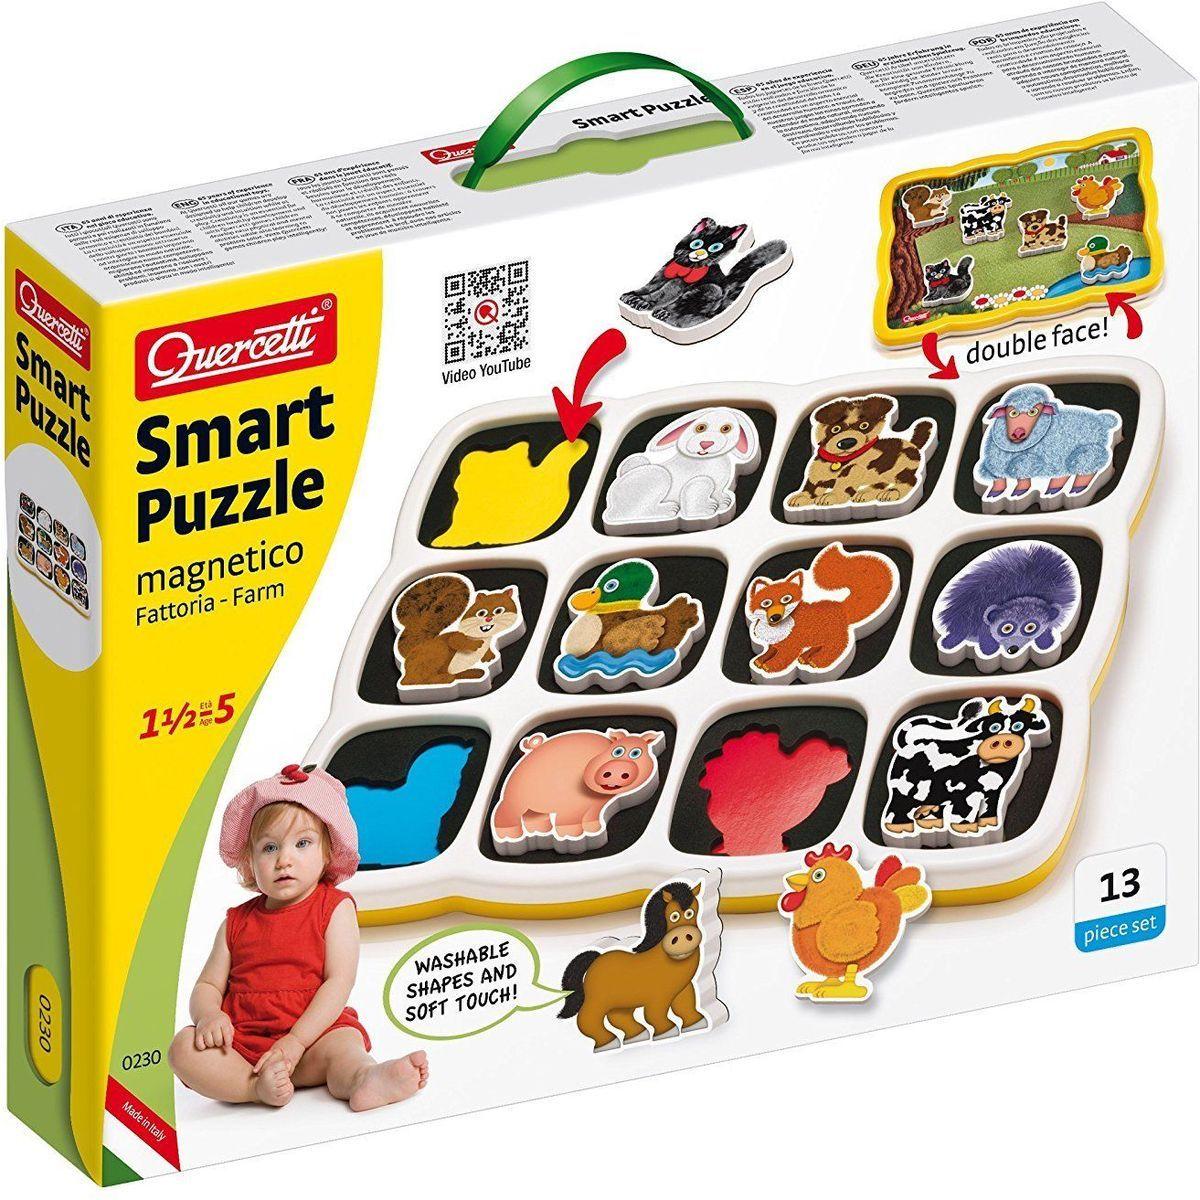 Quercetti vkládačka Smart puzzle magnetico Farma